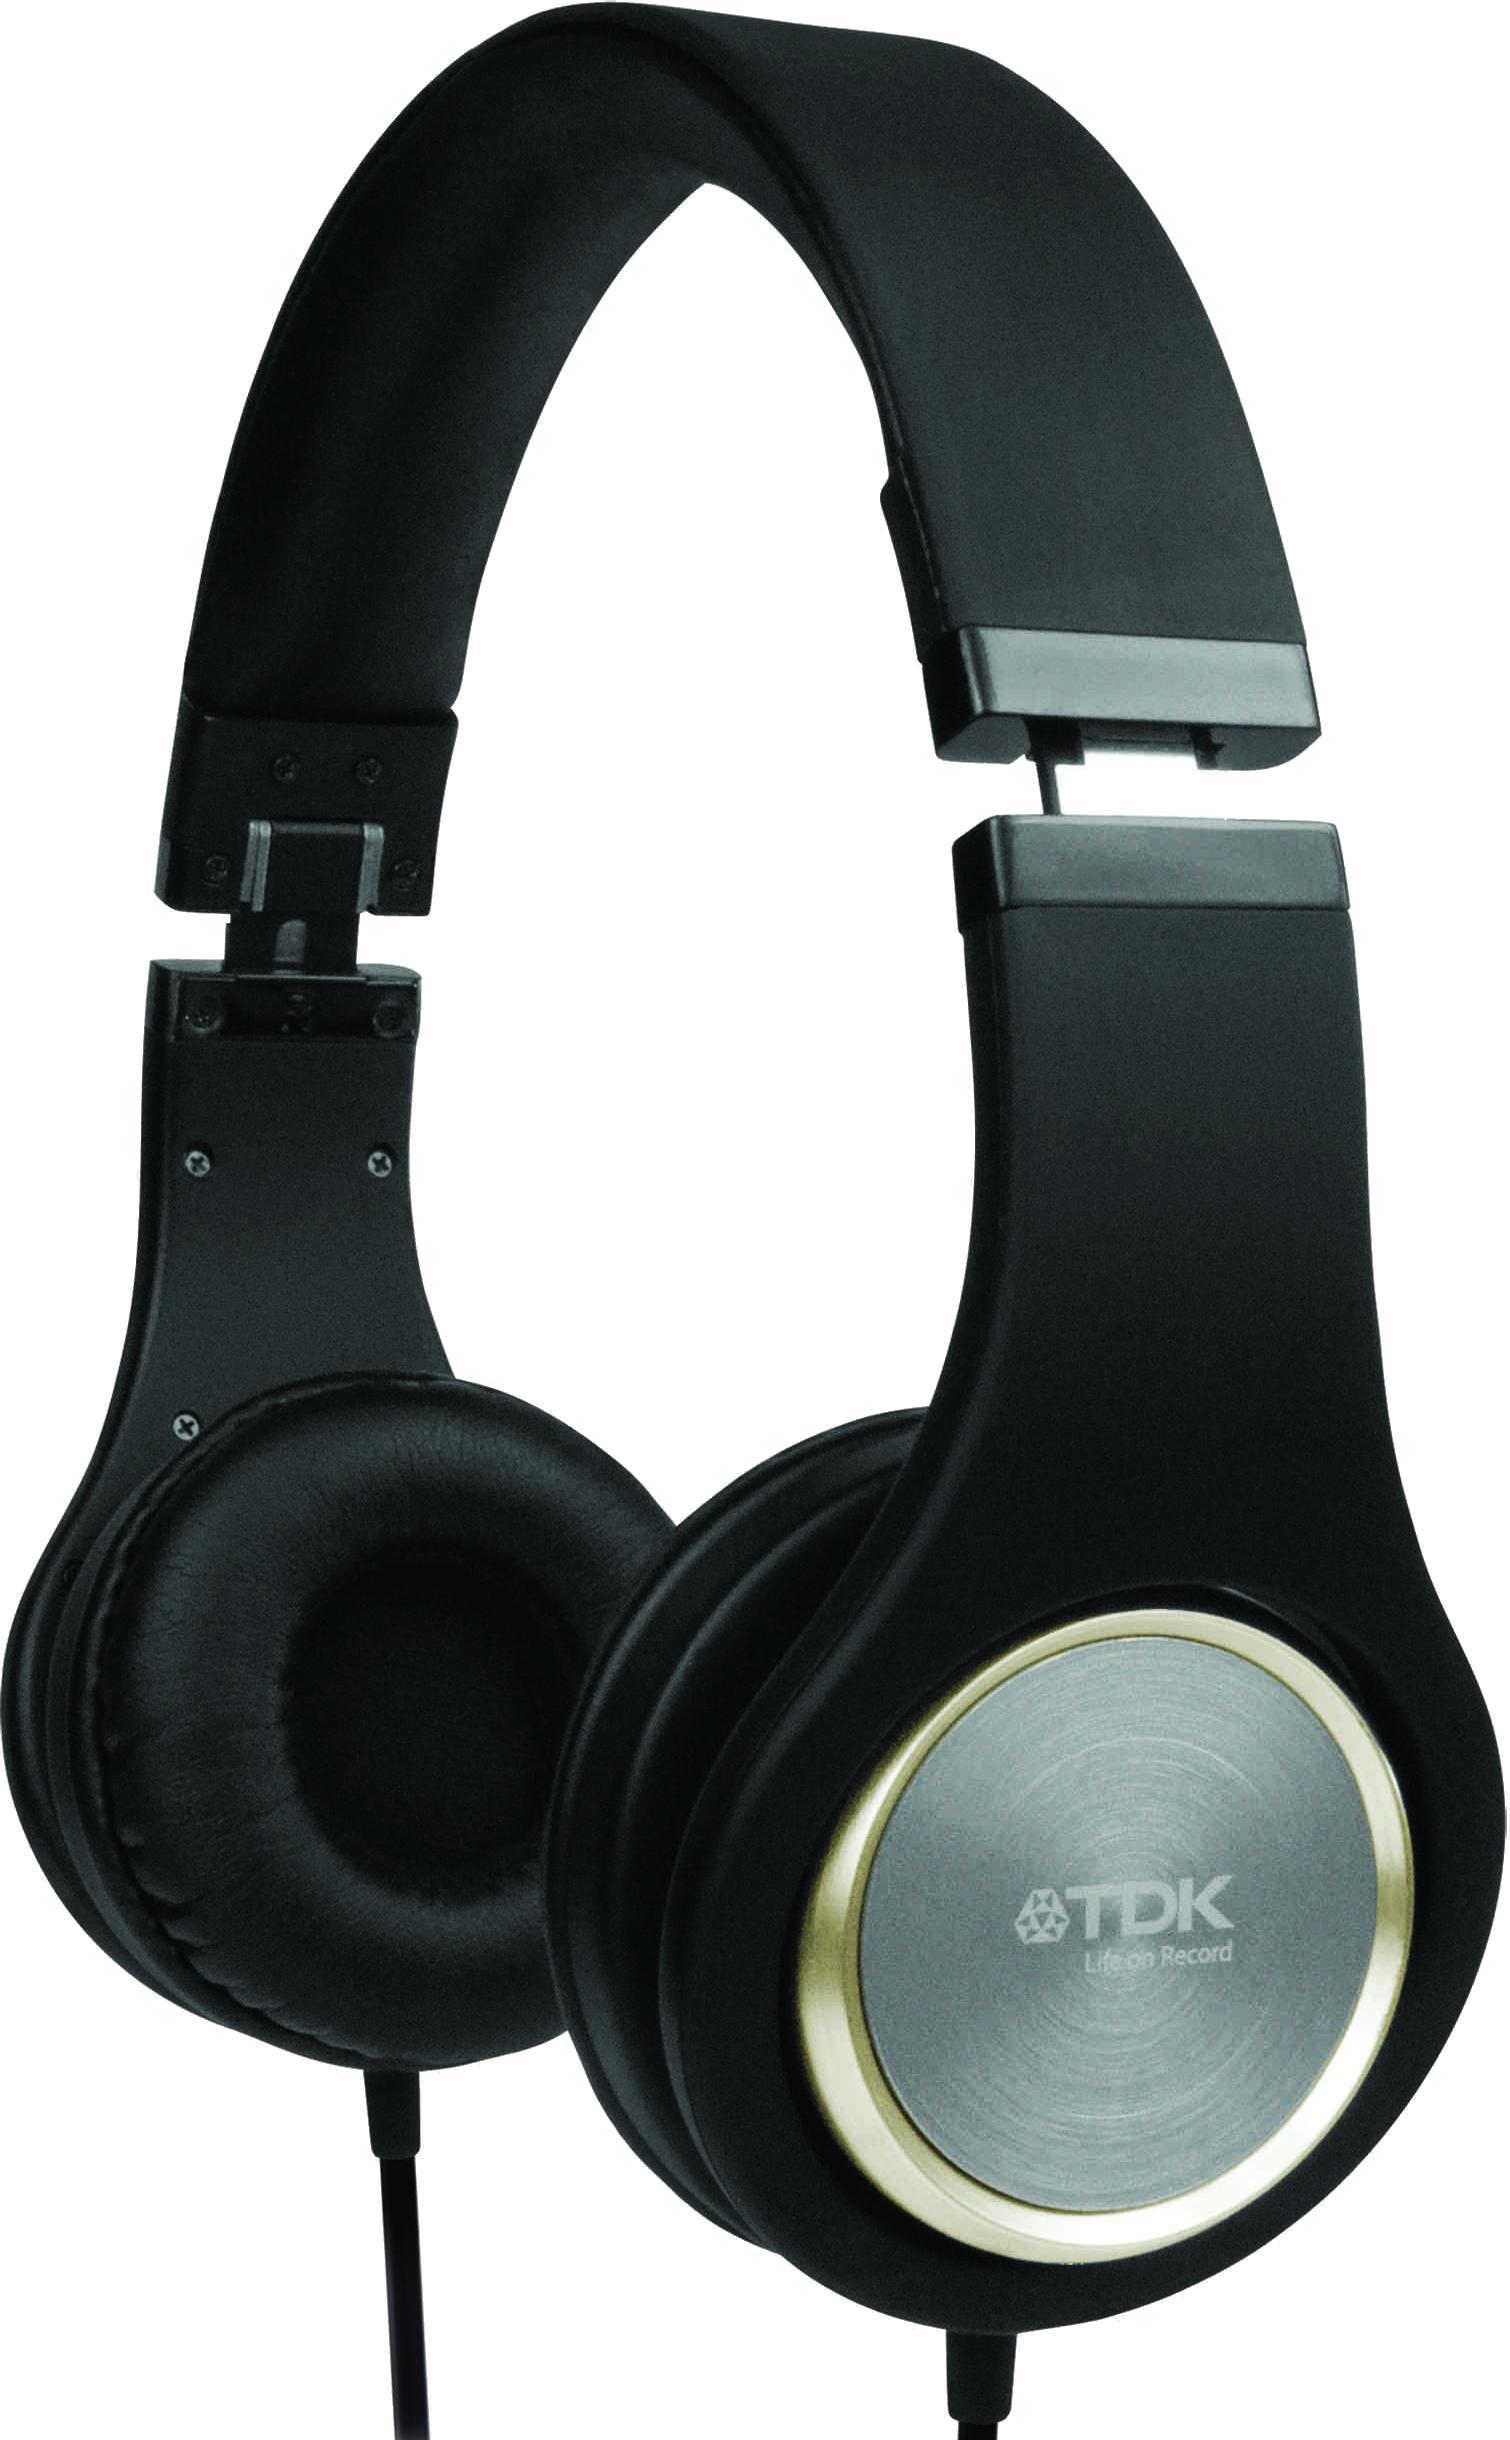 TDK ST700 High Fidelity